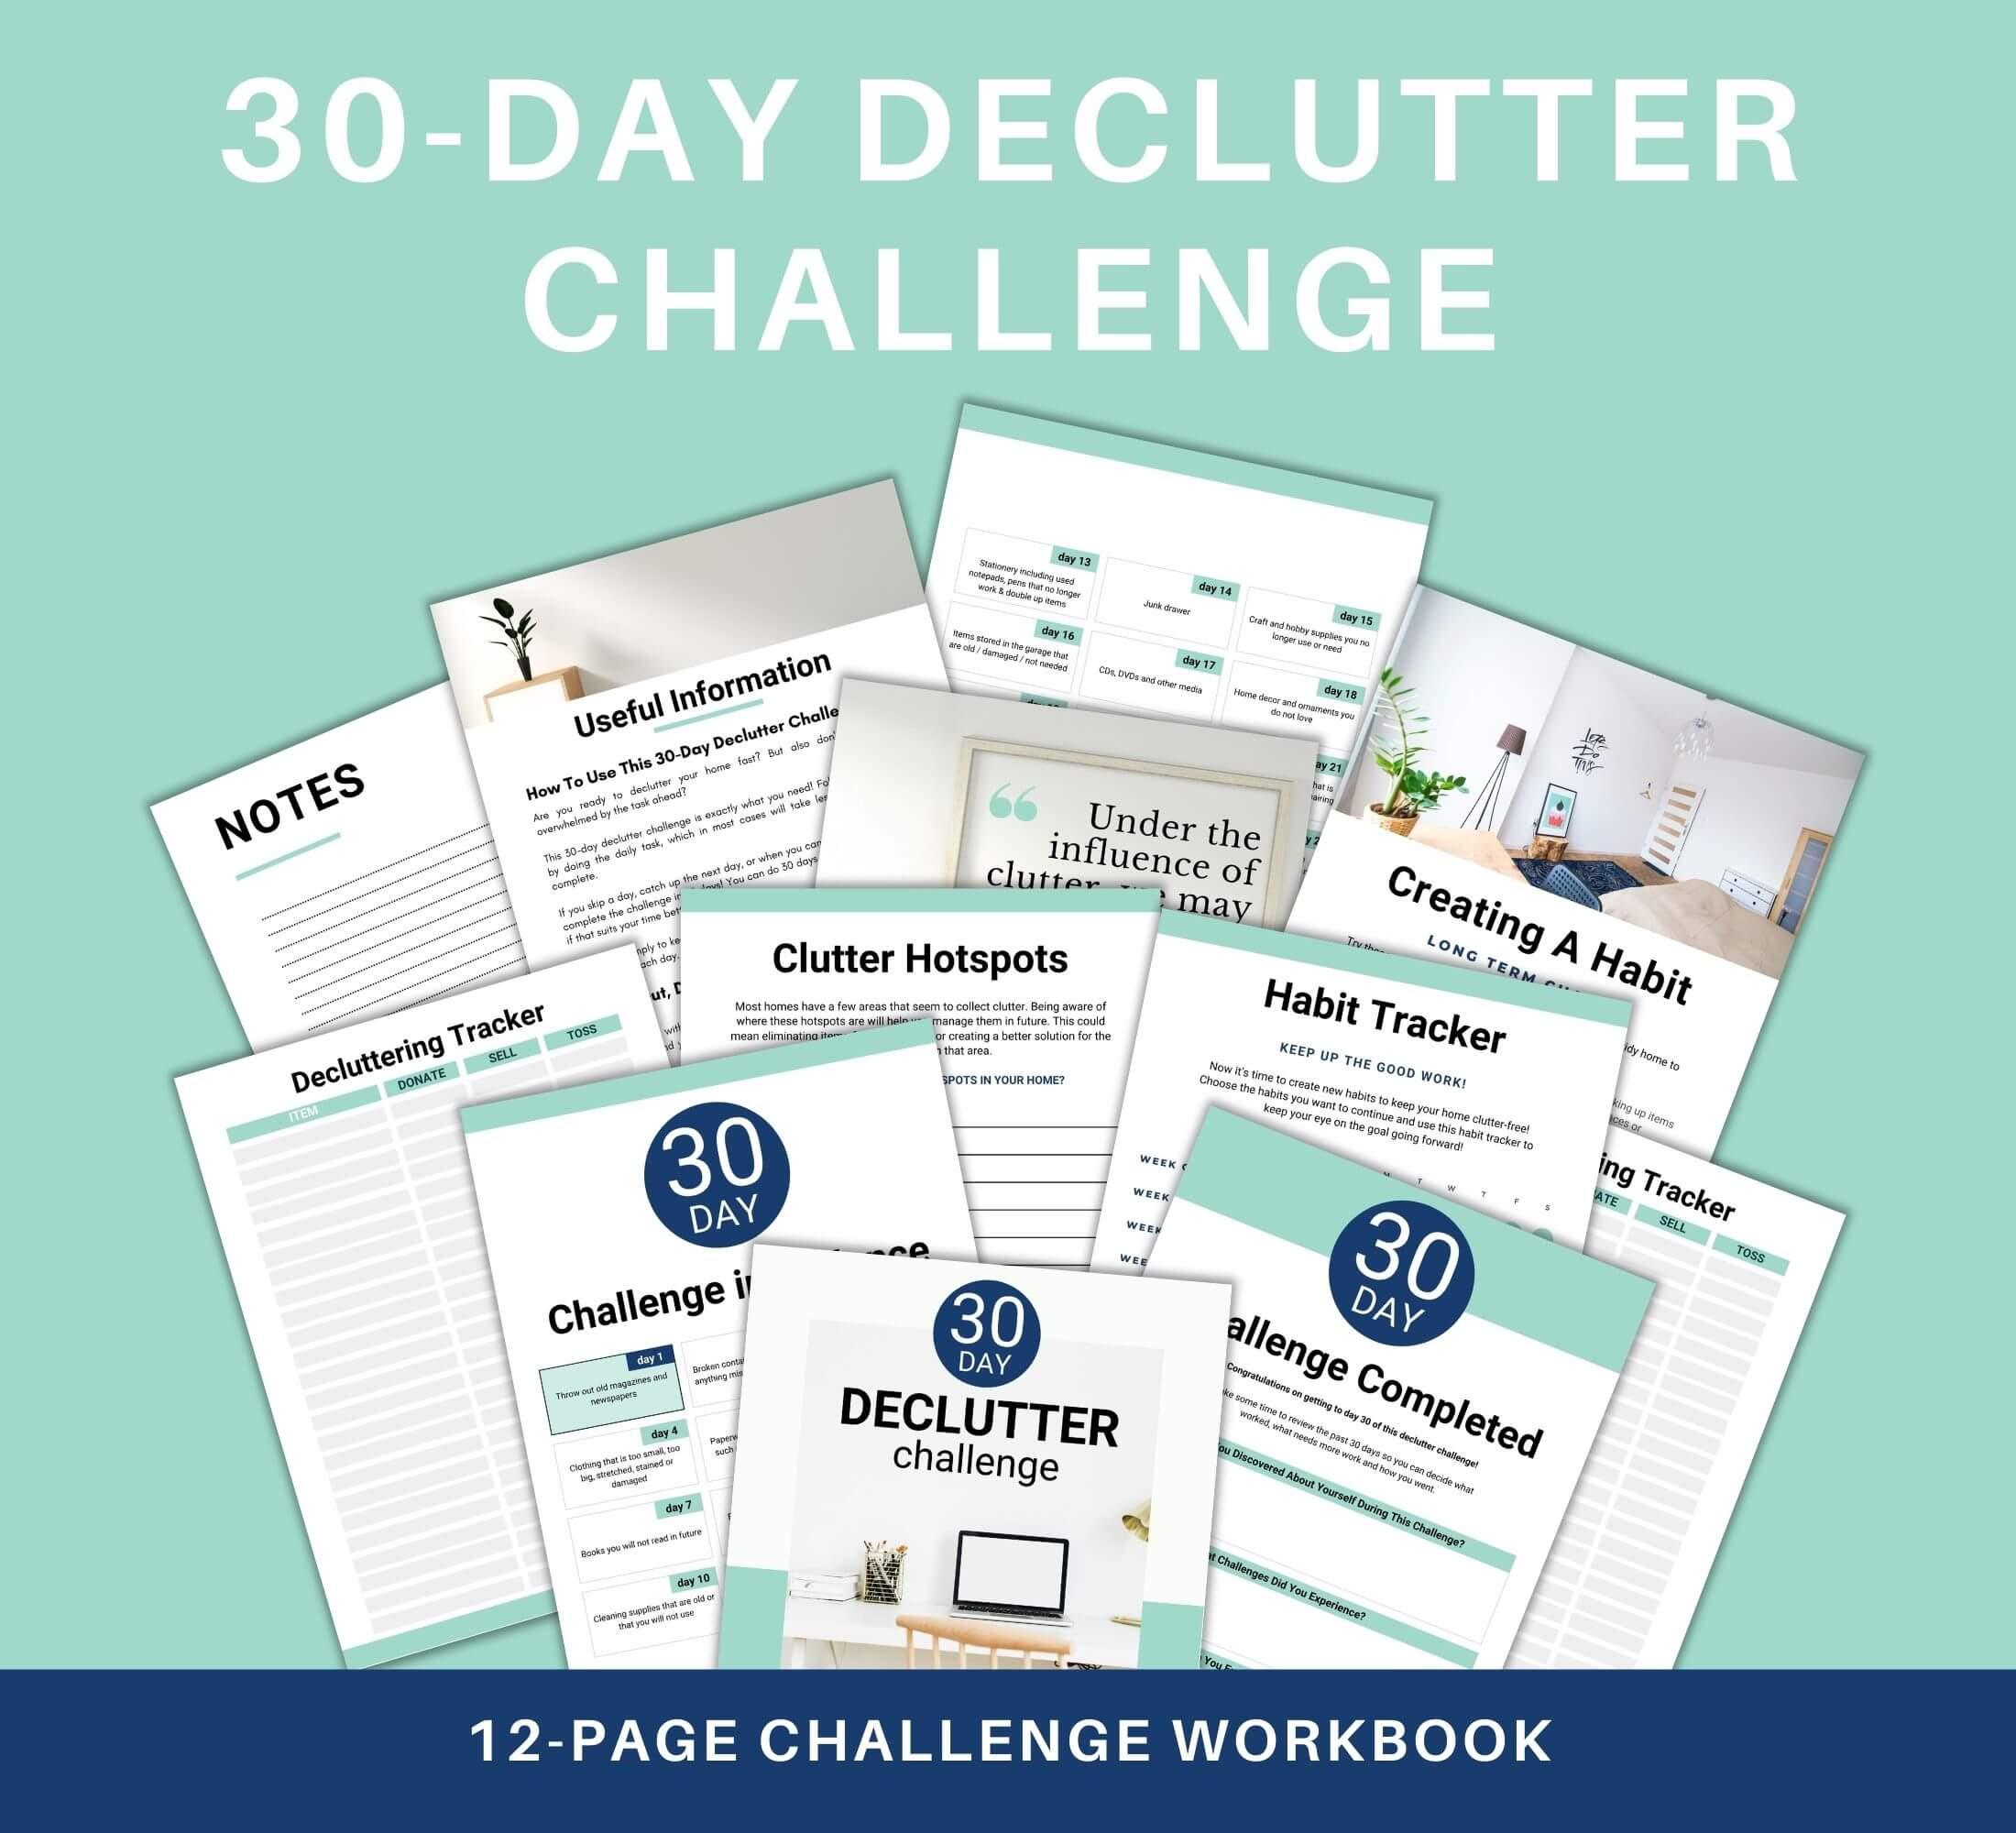 30 day declutter challenge workbook 5